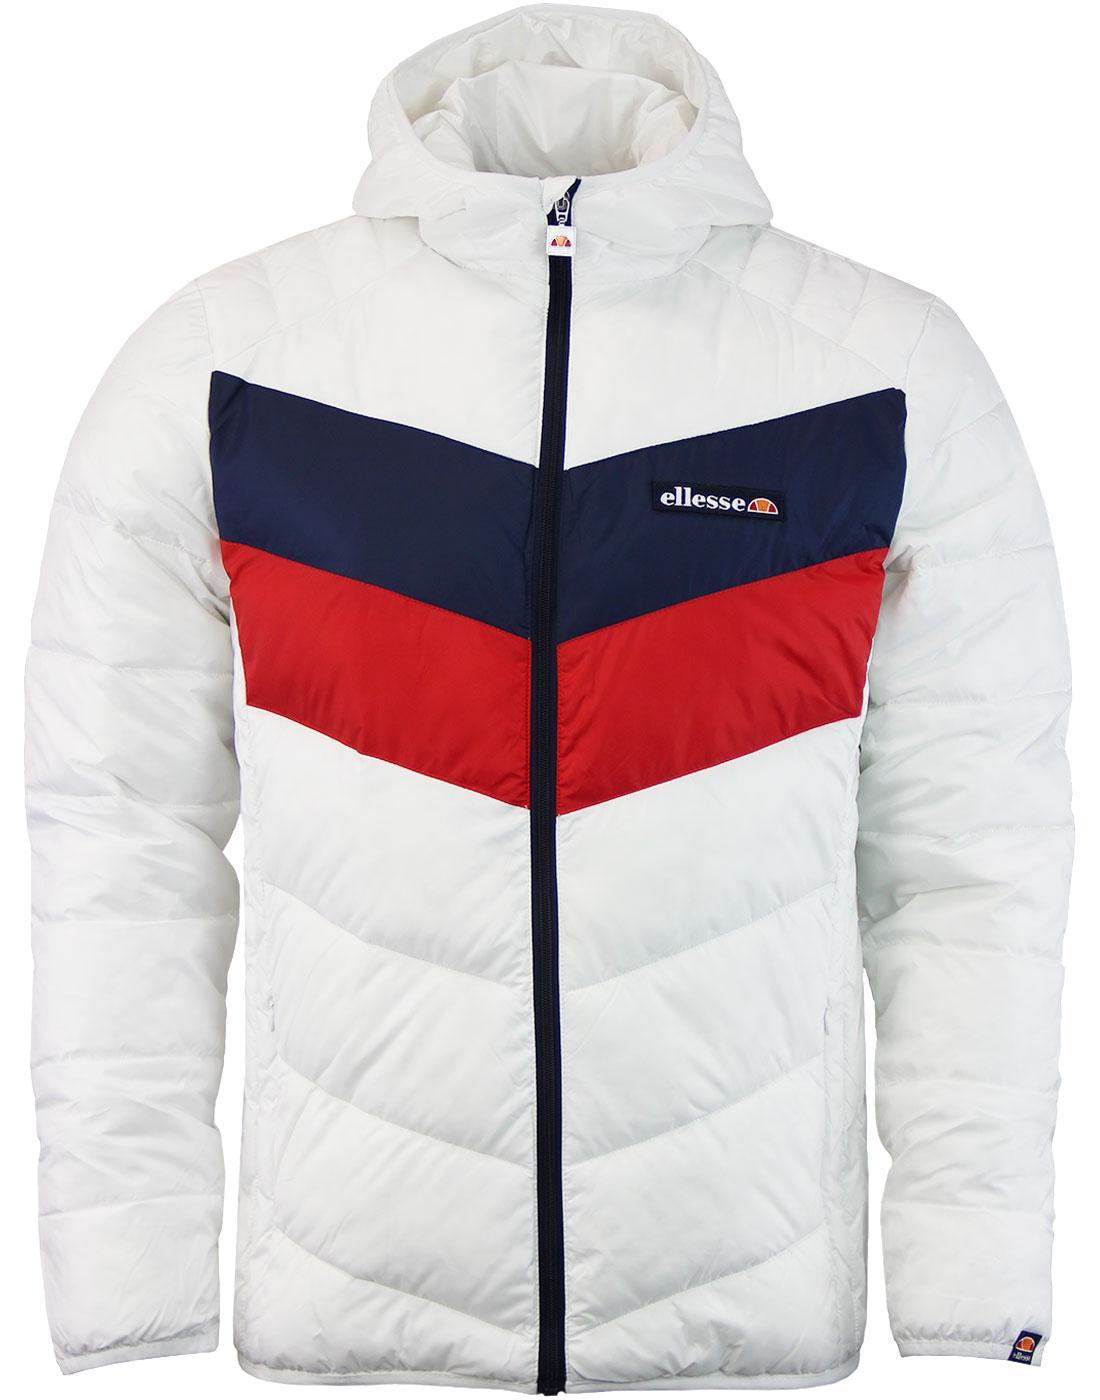 Ginap ELLESSE Retro 70s Chevron Stripe Ski Jacket